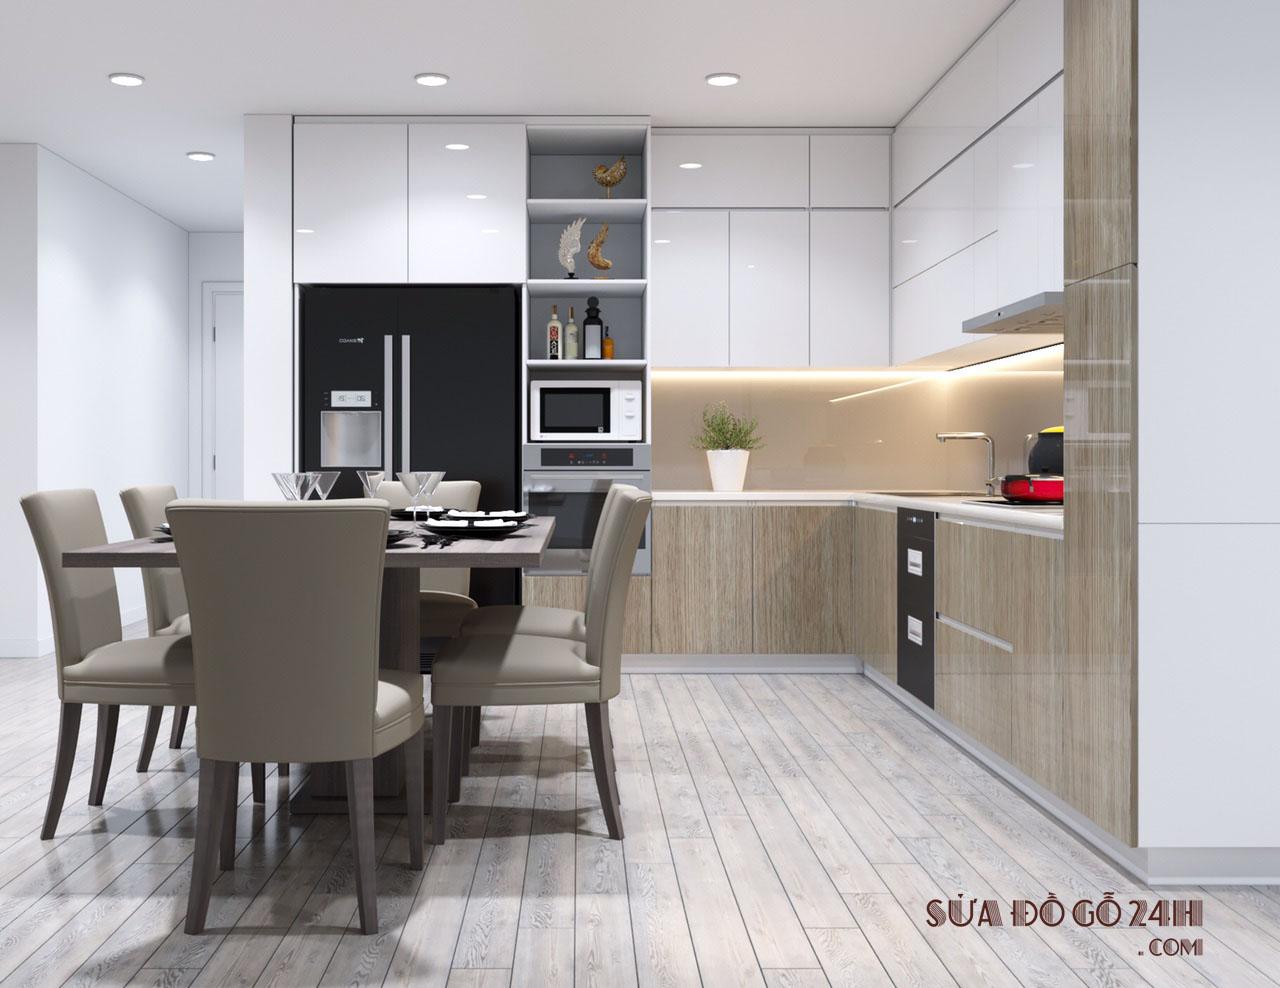 Thiết kế phòng bếp đẹp theo phong thủy